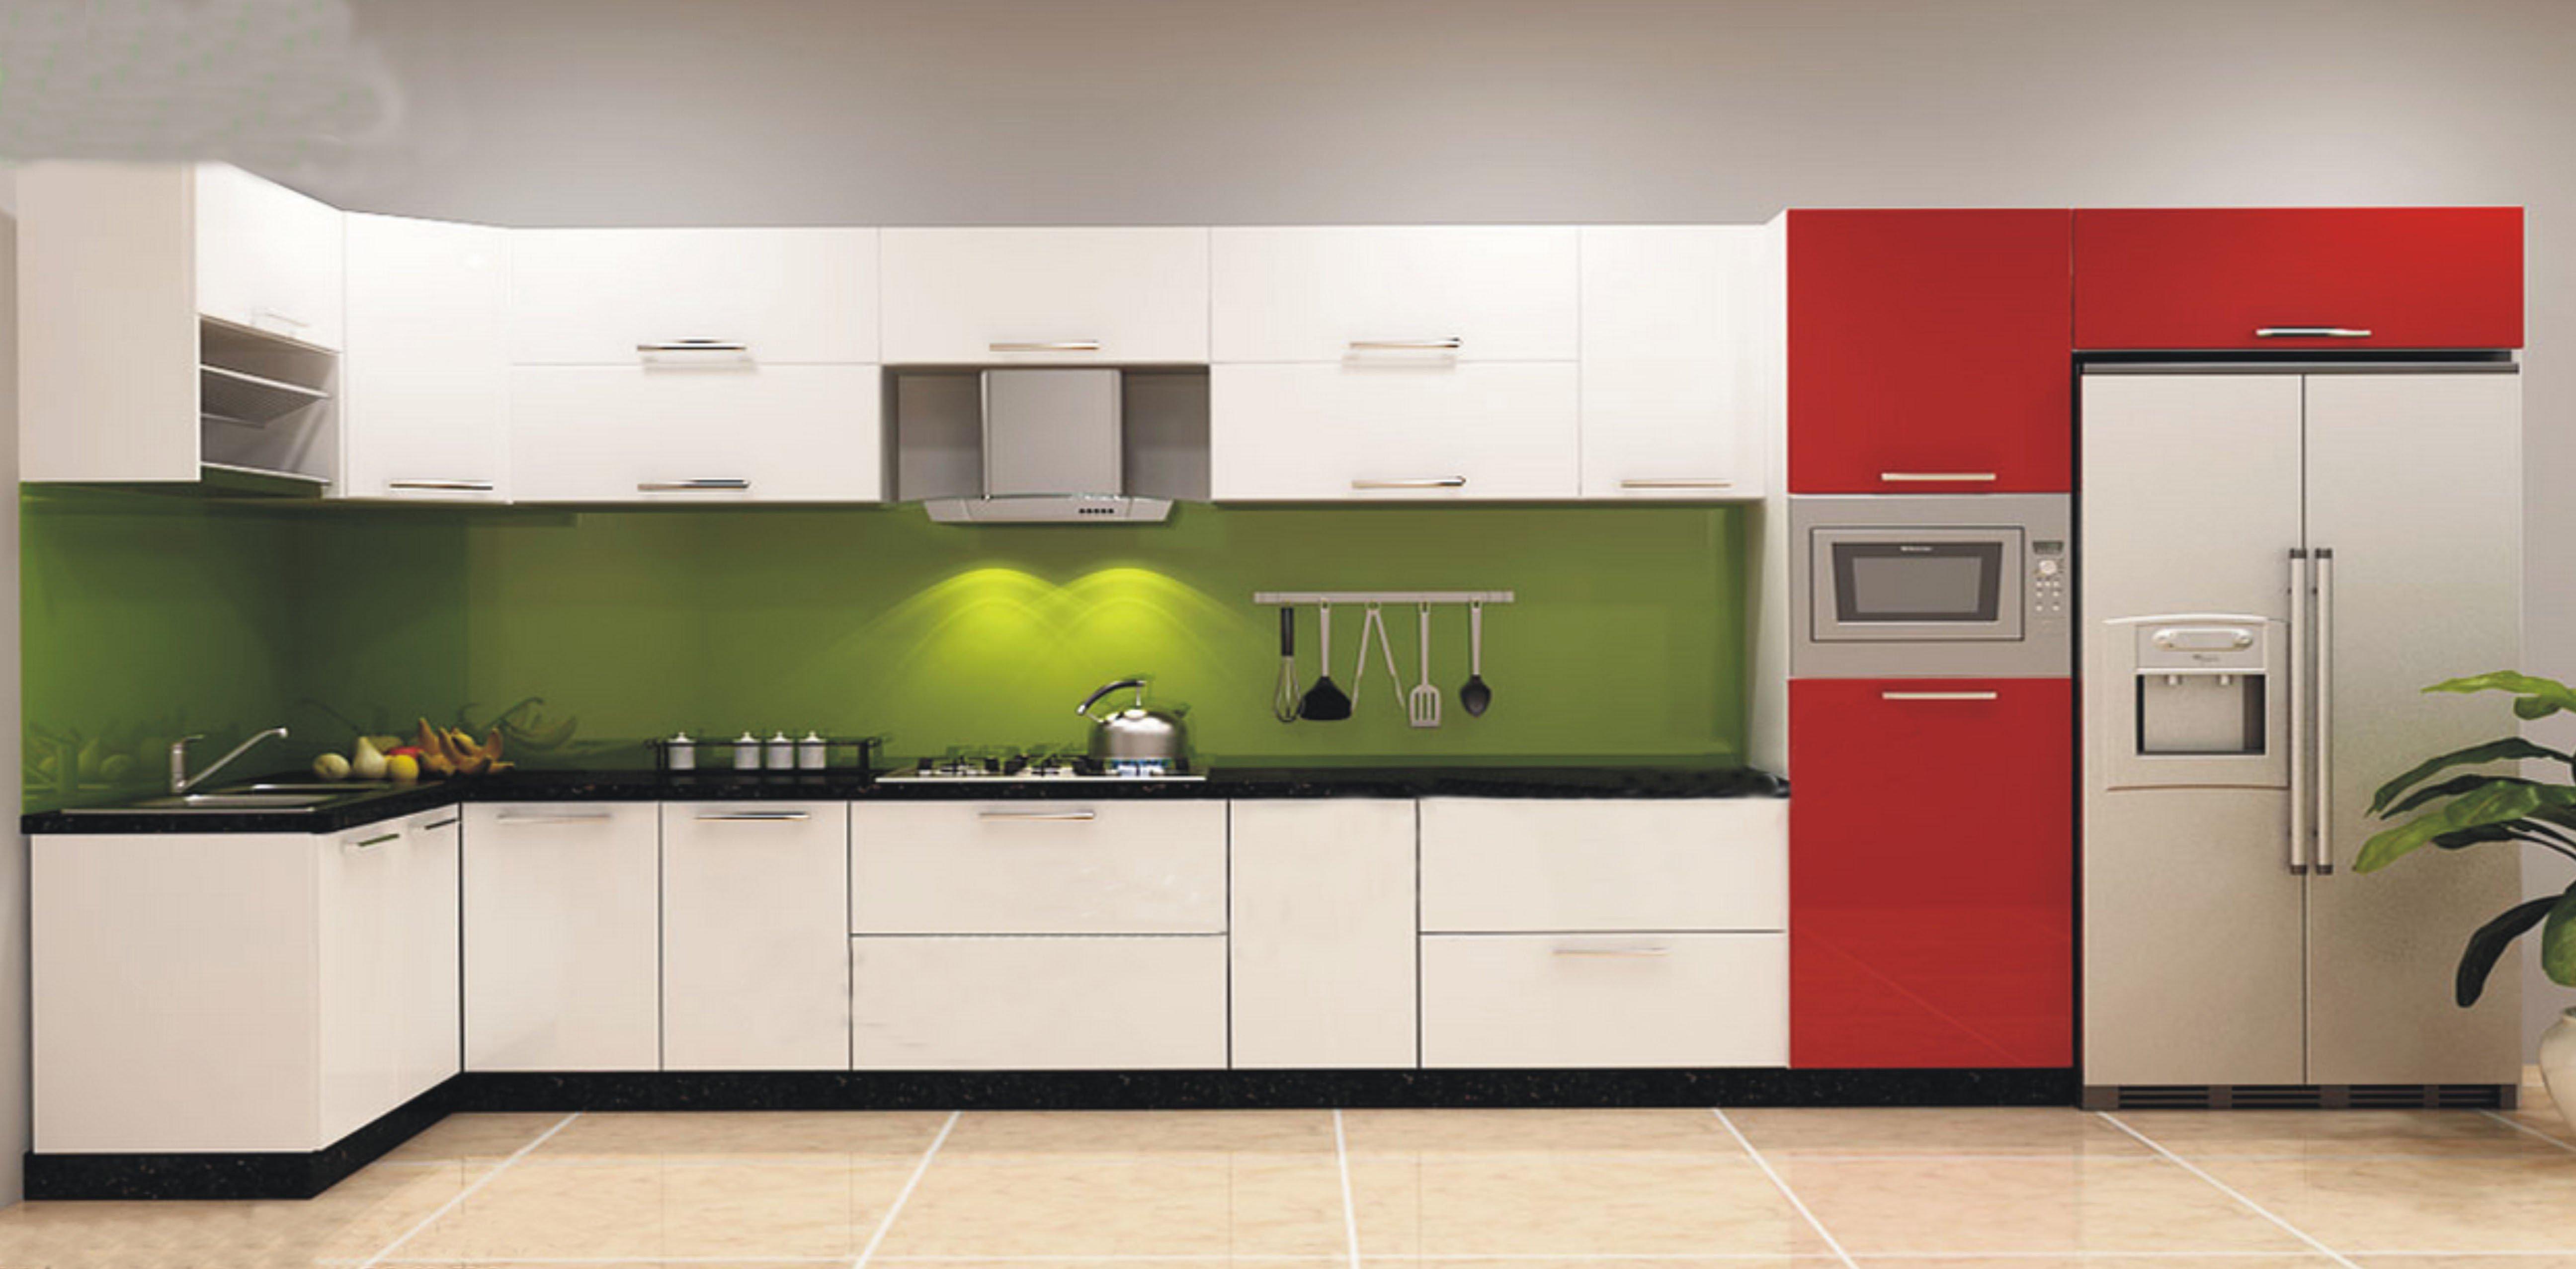 Mẫu tủ bếp acrylic màu xanh trắng